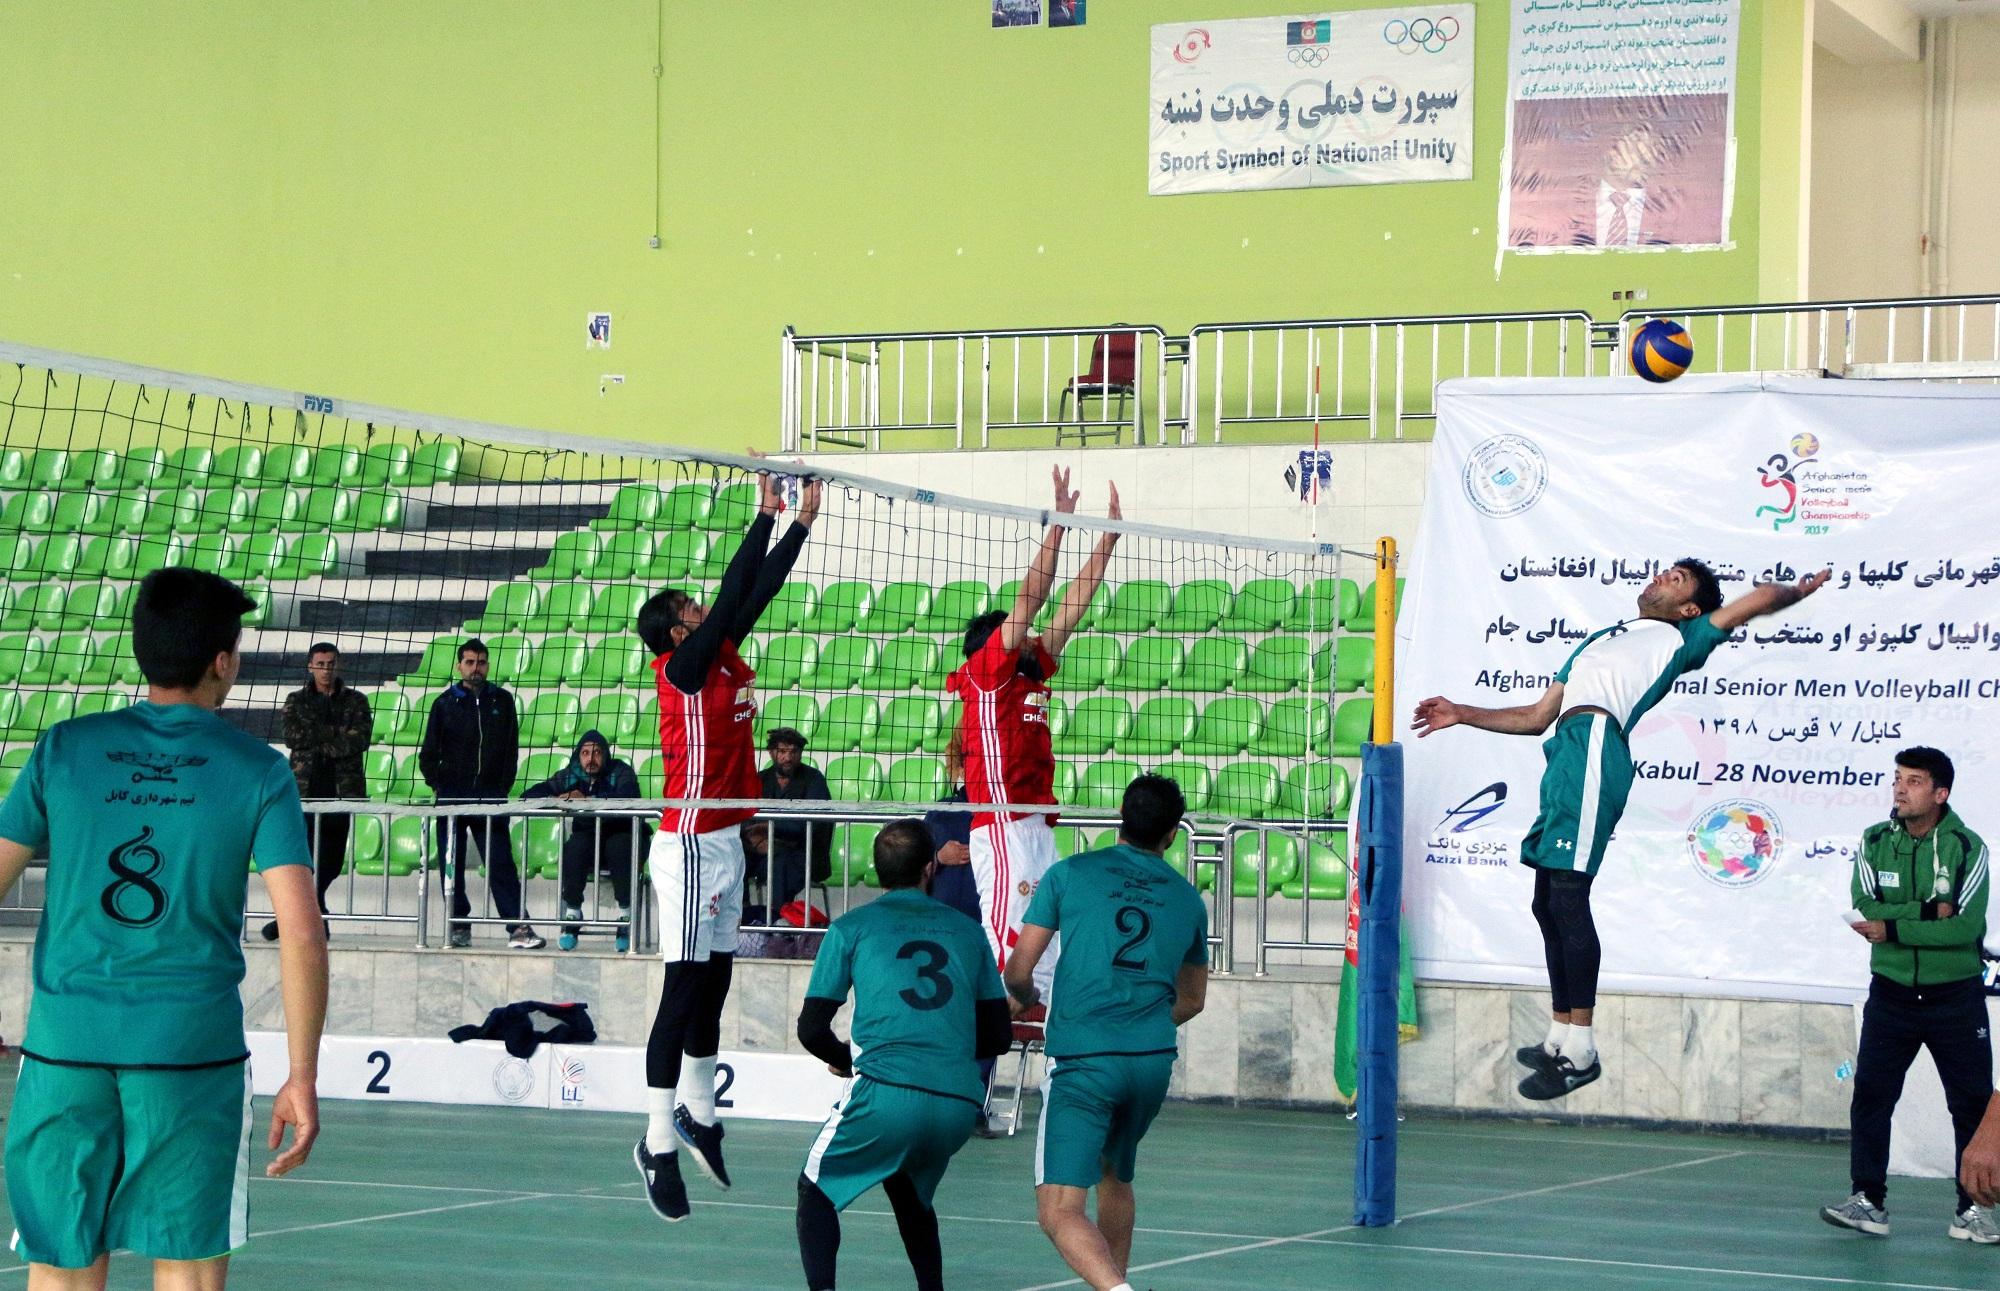 مسابقات جام قهرمانی و تیم های منتخب والیبال افغانستان امروز در کابل برگزار شدمسابقات جام قهرمانی و تیم های منتخب والیبال افغانستان امروز در کابل برگزار شد